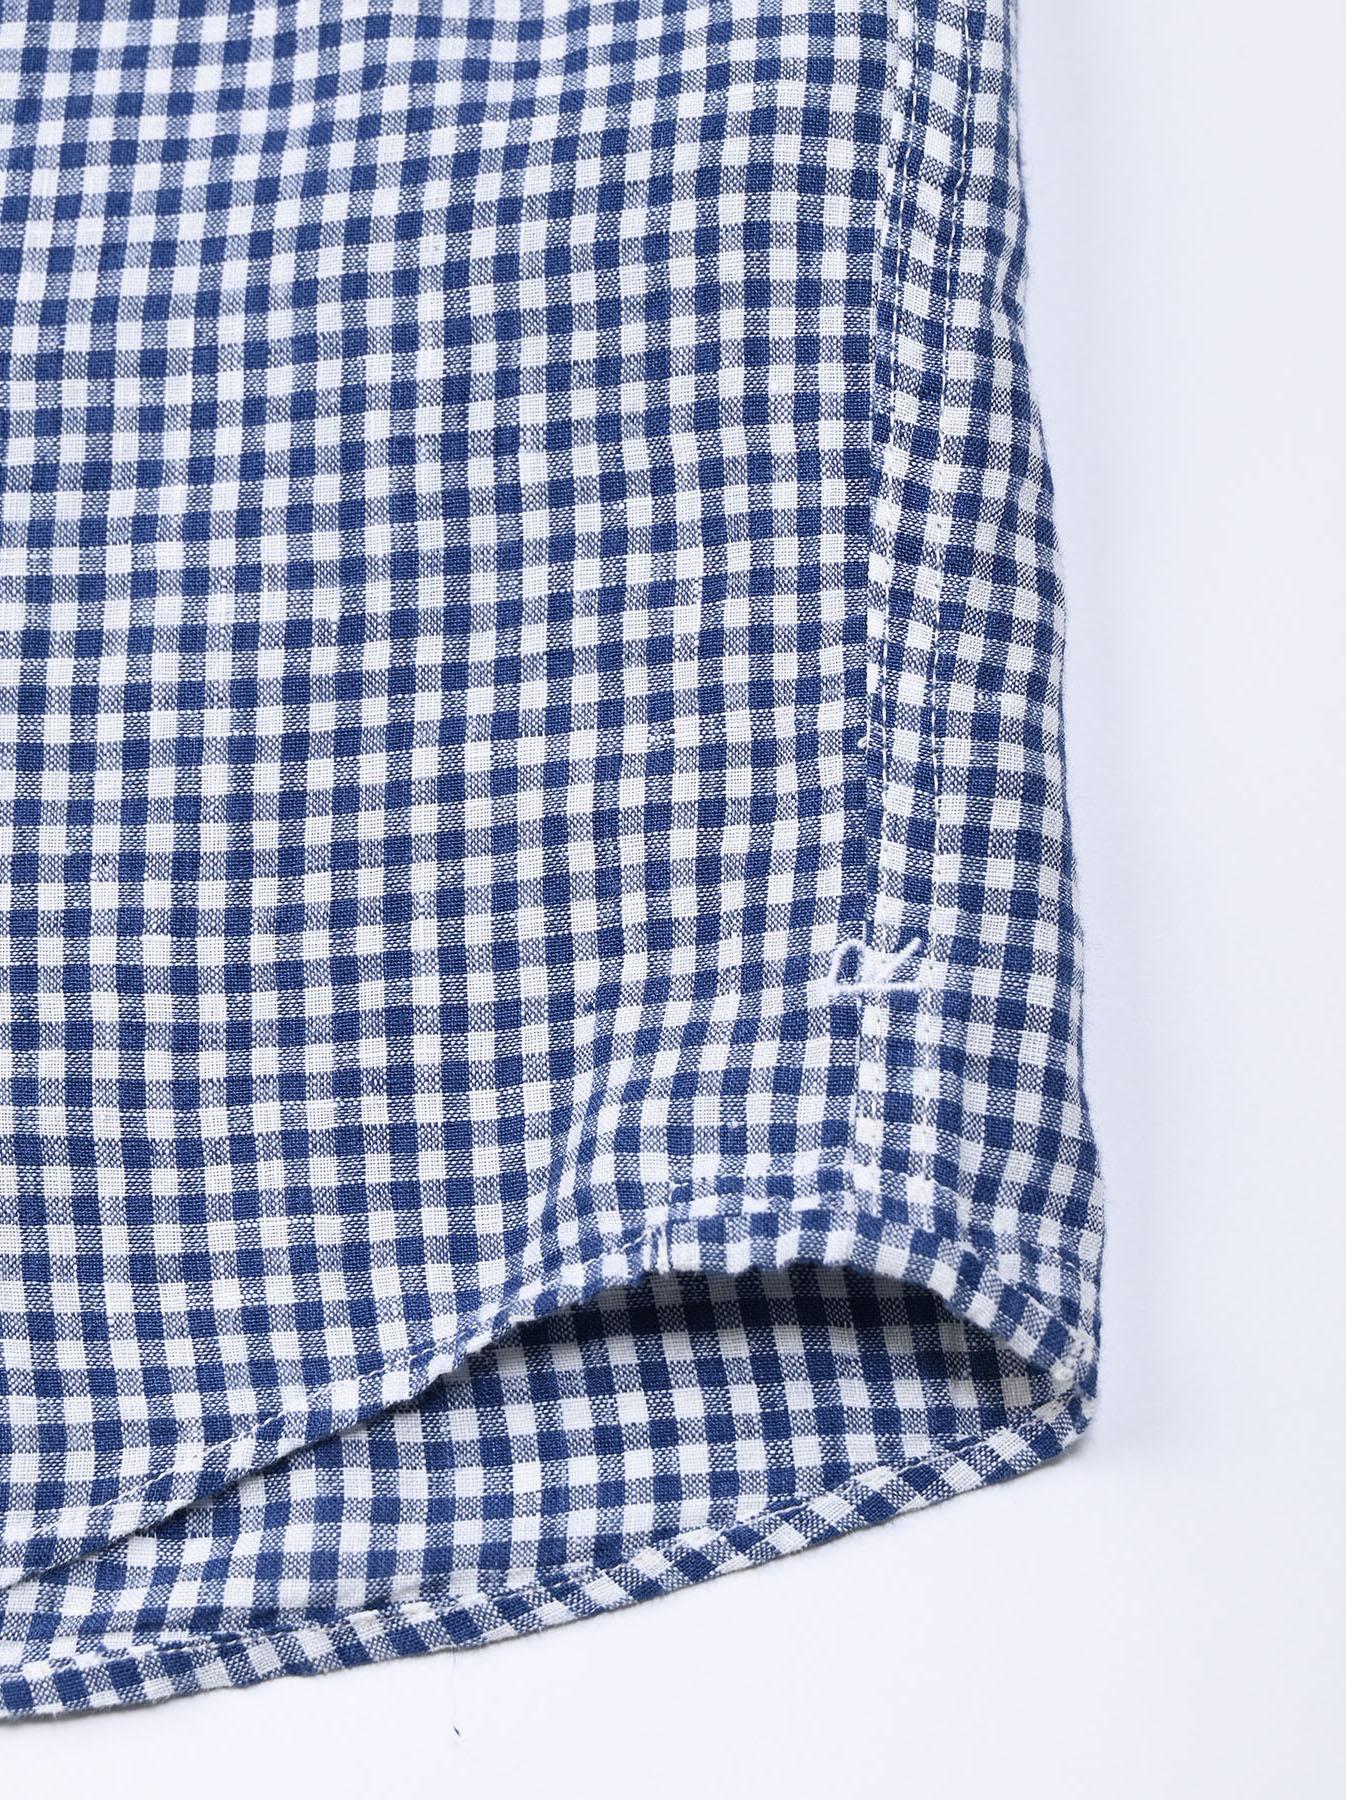 Indian Linen Flat 908 Ocean Shirt (0521)-10